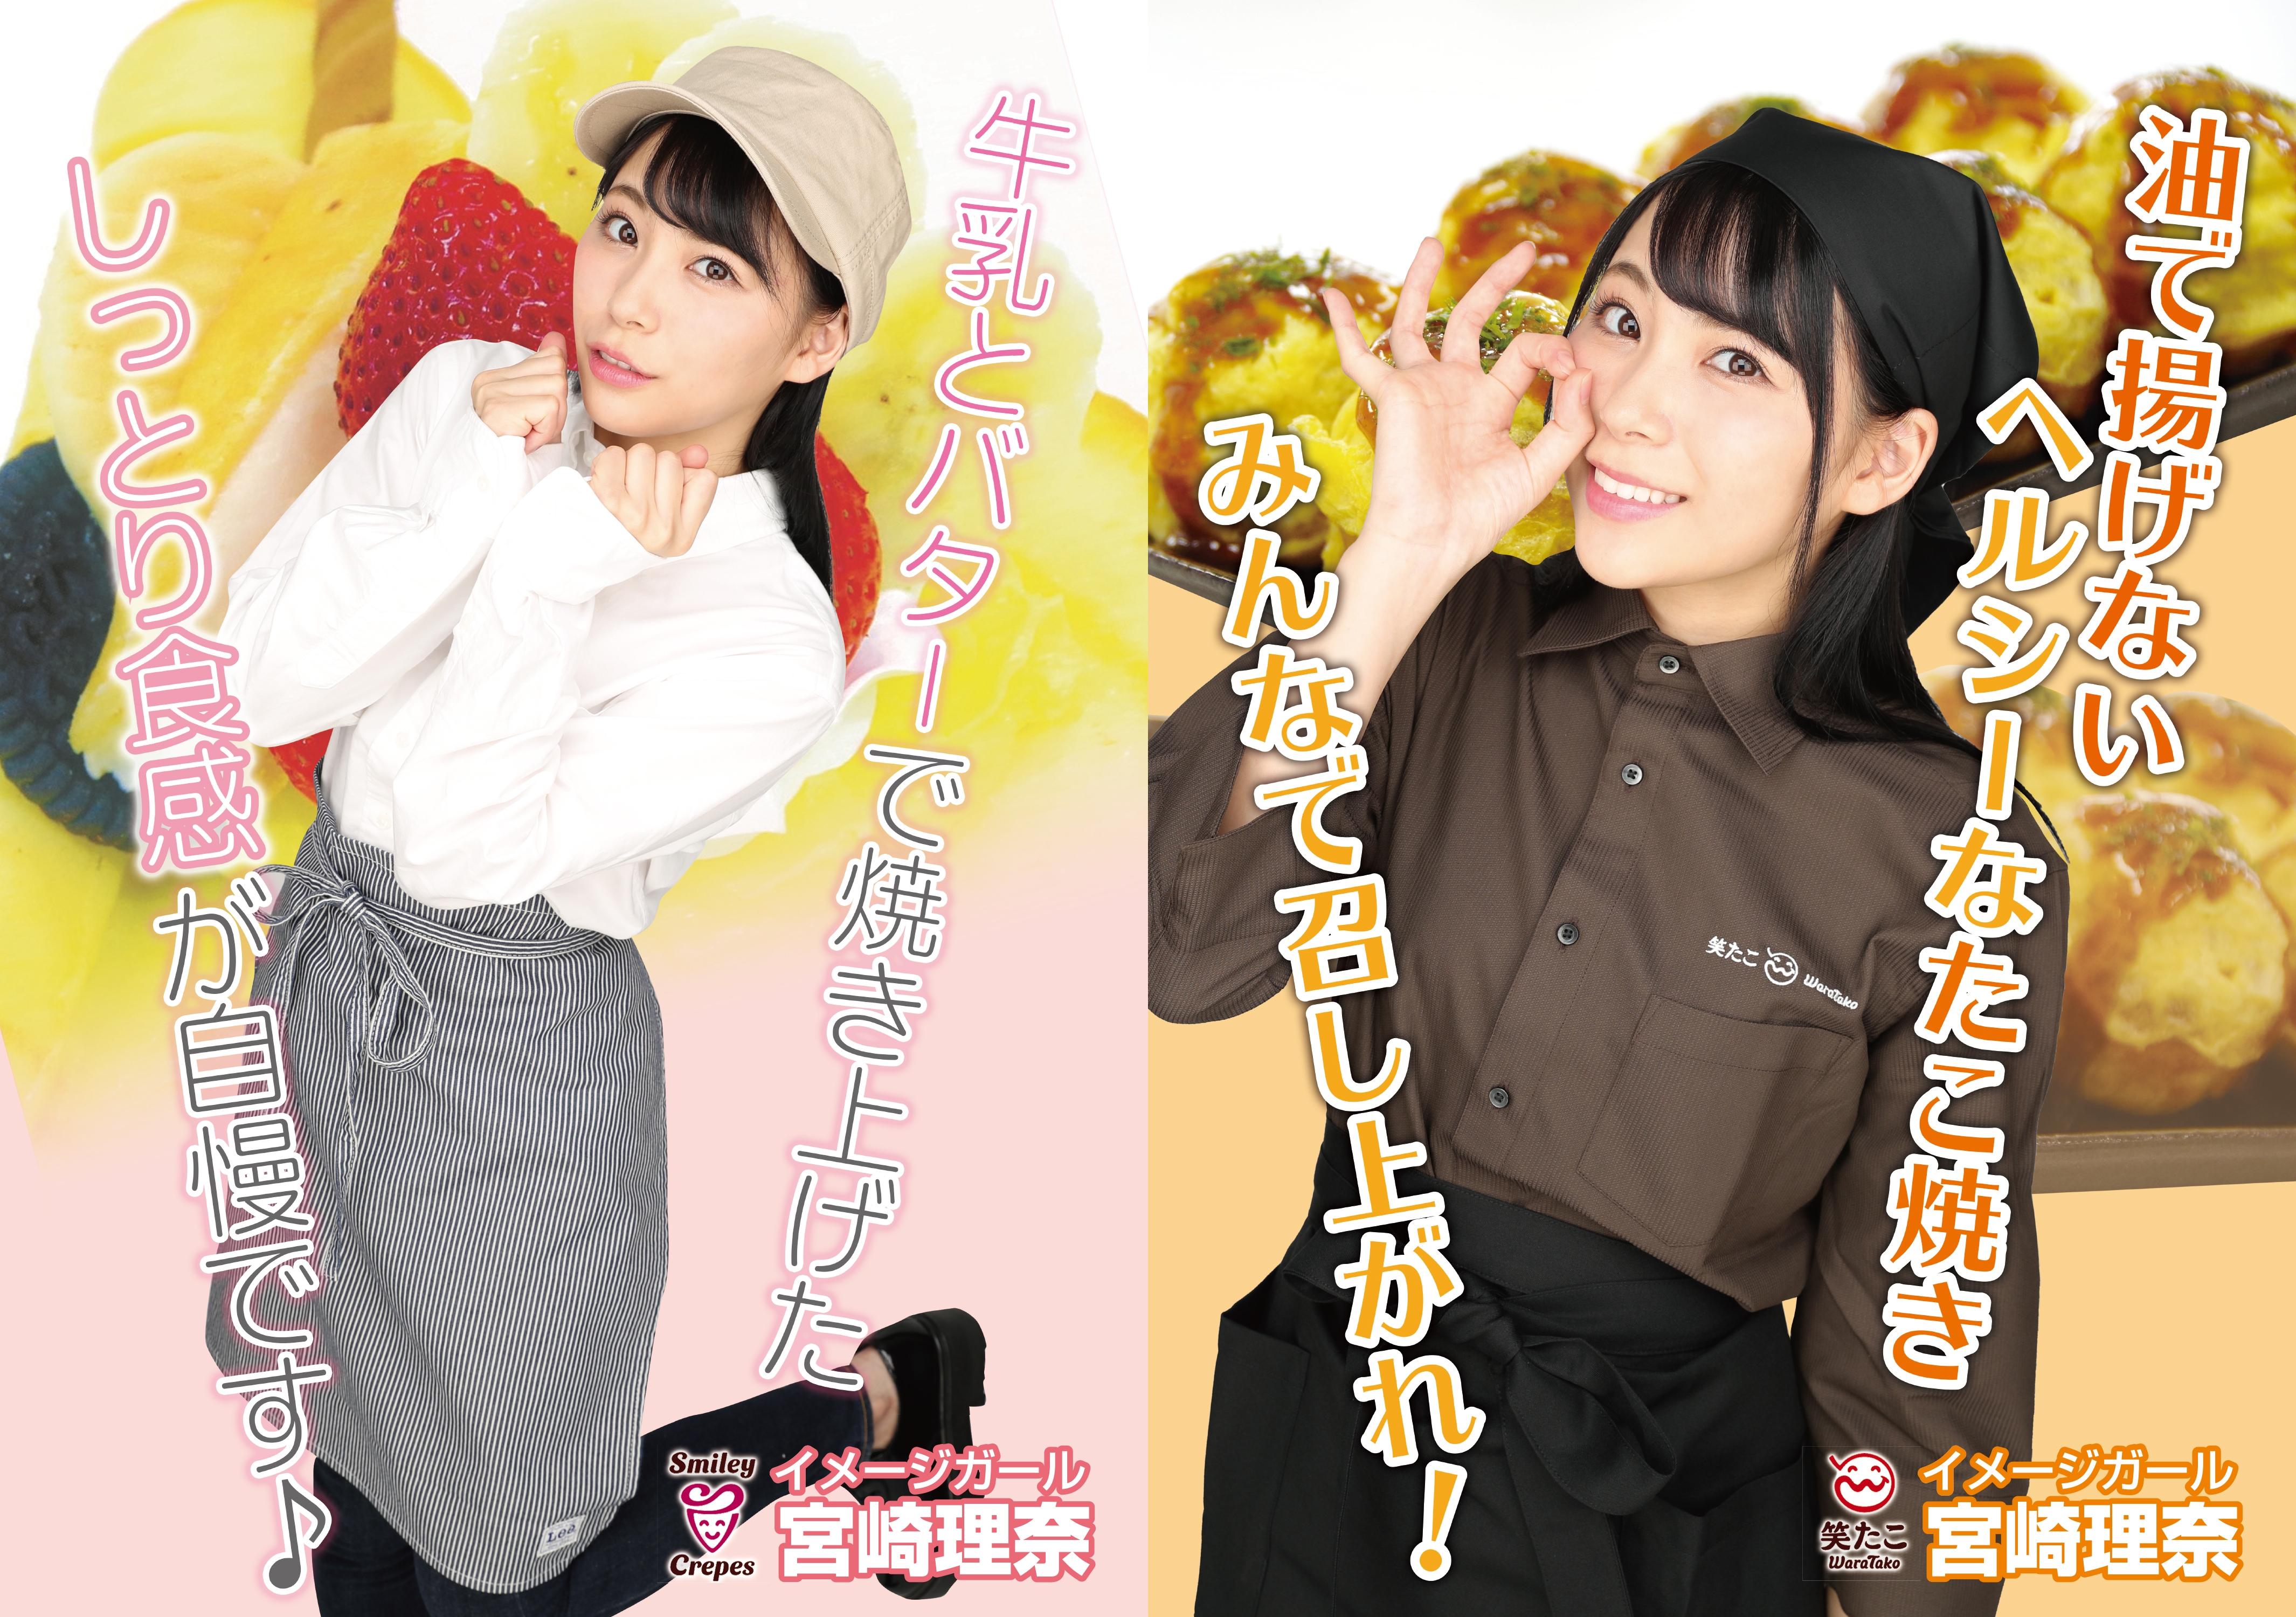 初代『笑たこ』『Smiley Crepes』イメージモデル・宮崎理奈/RINA MIYAZAKI